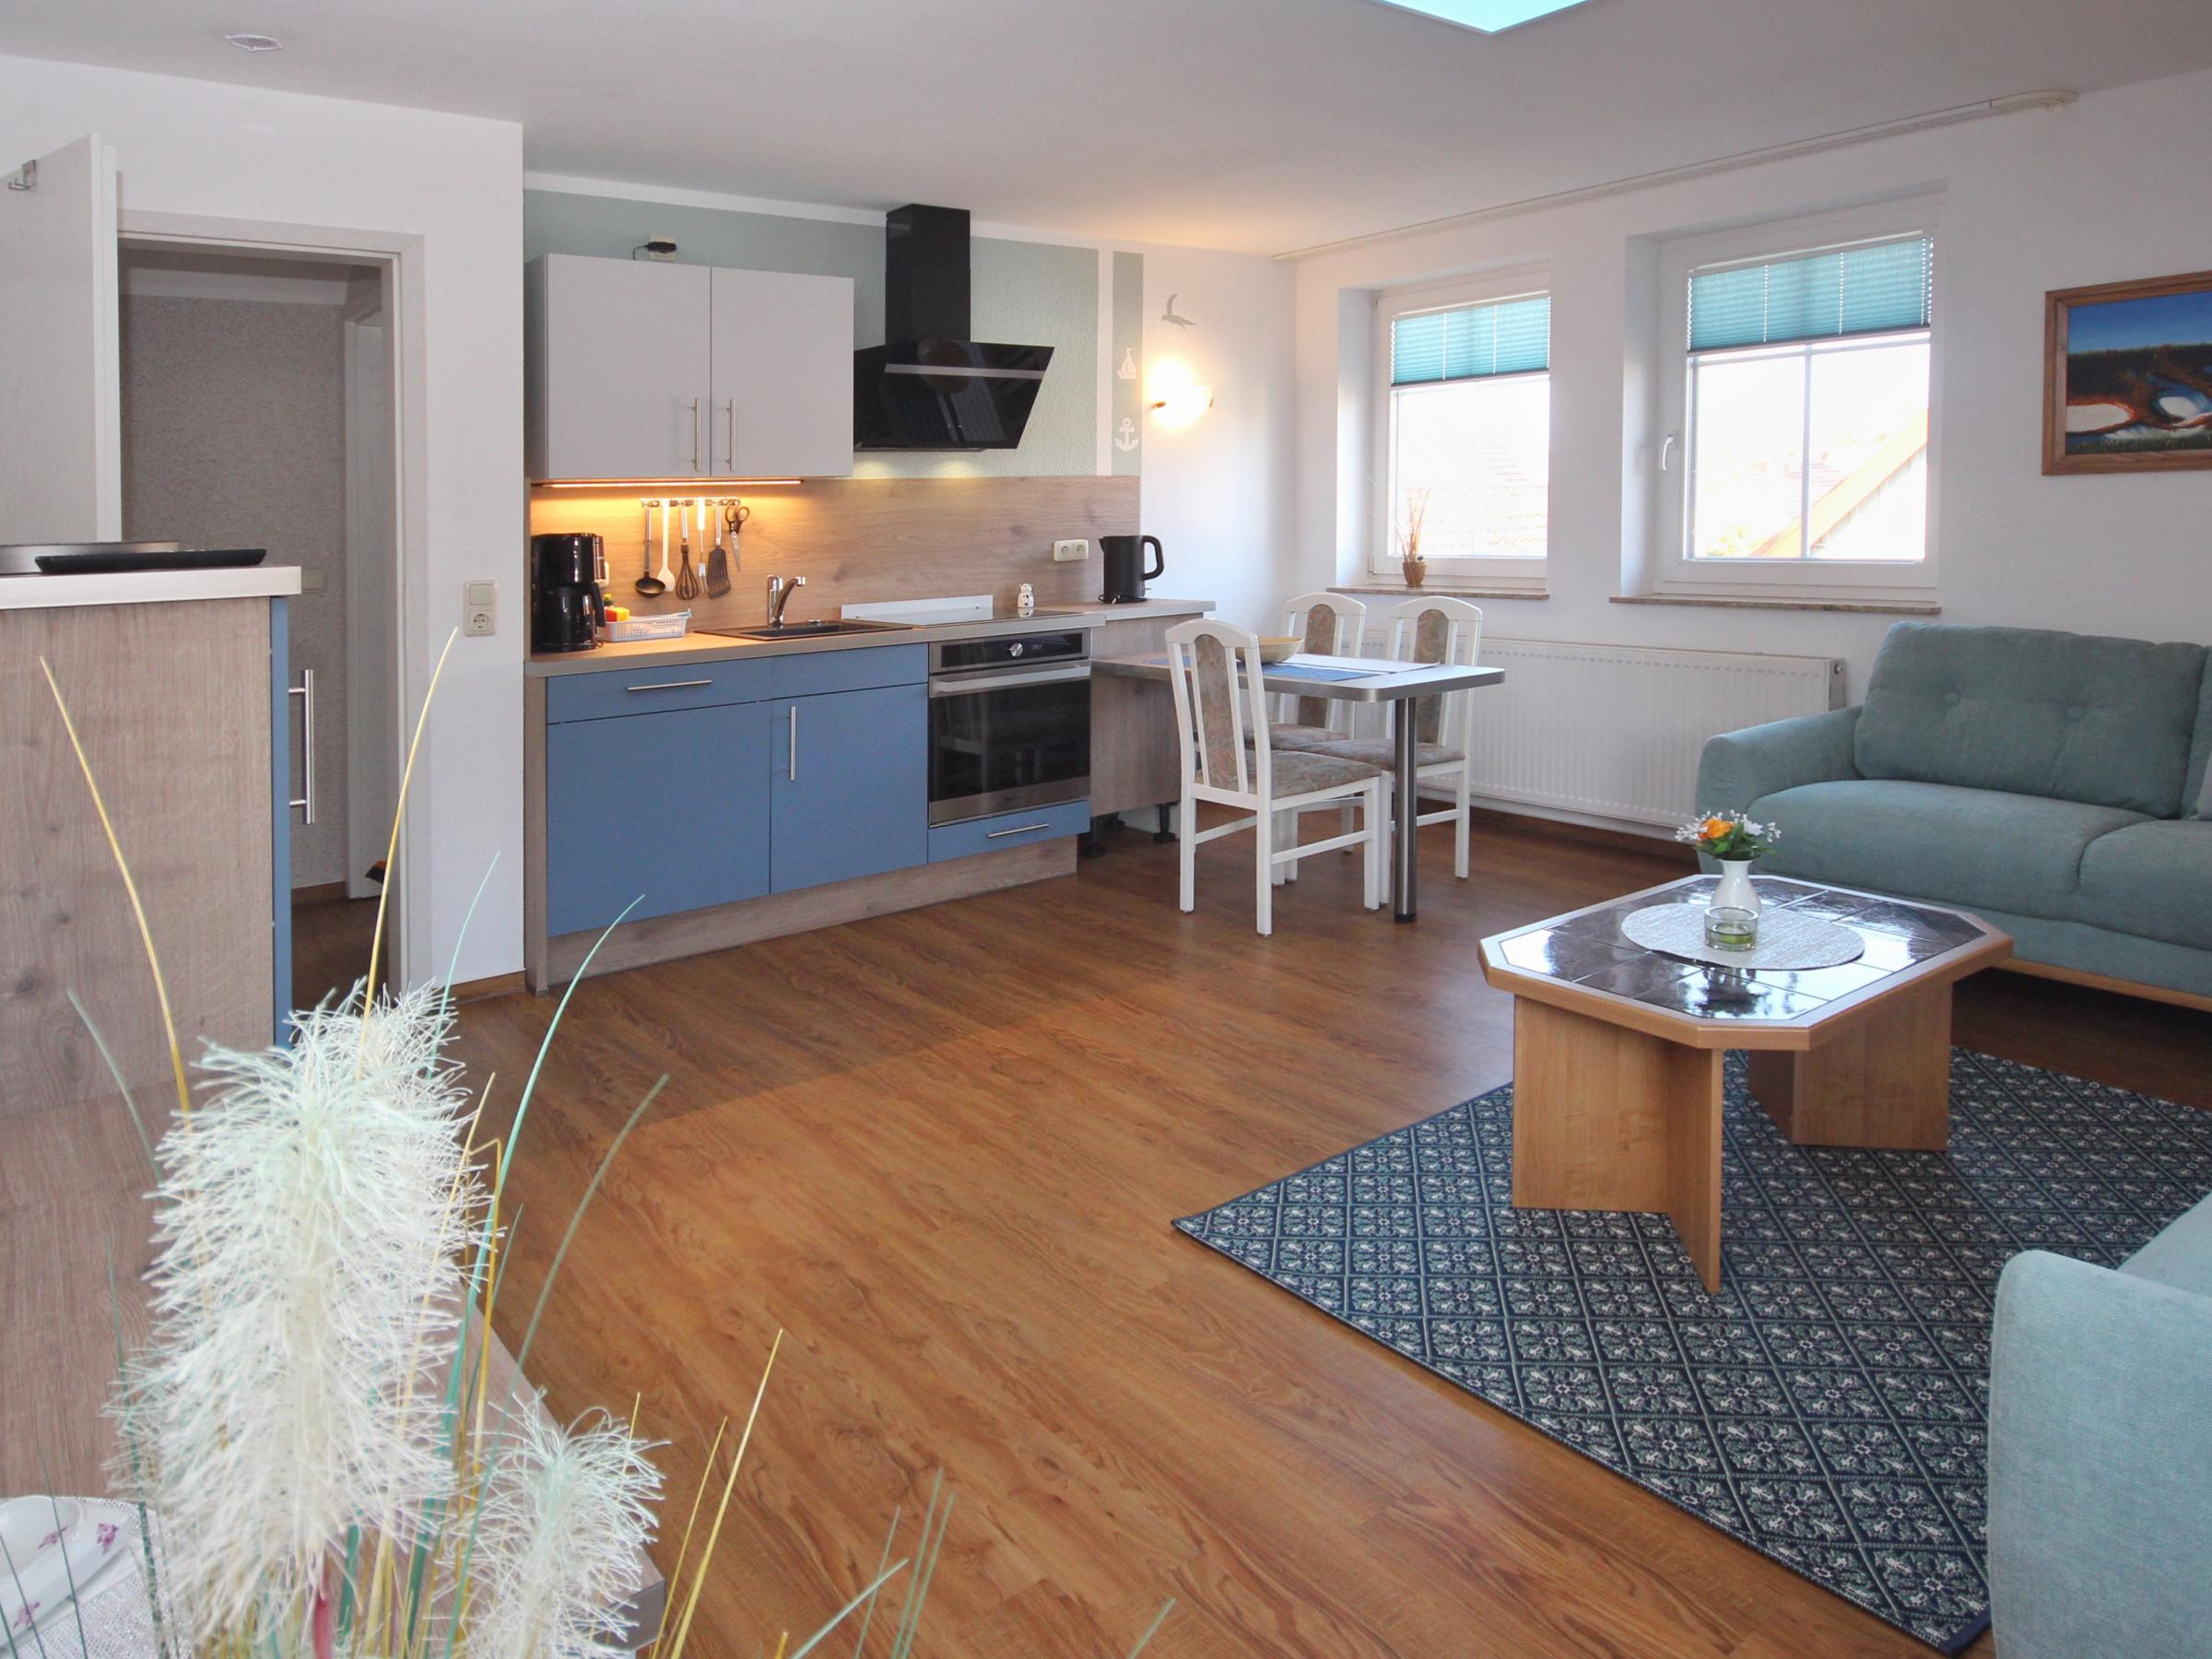 Wohn- und Essbereich mit moderner Einbauküche